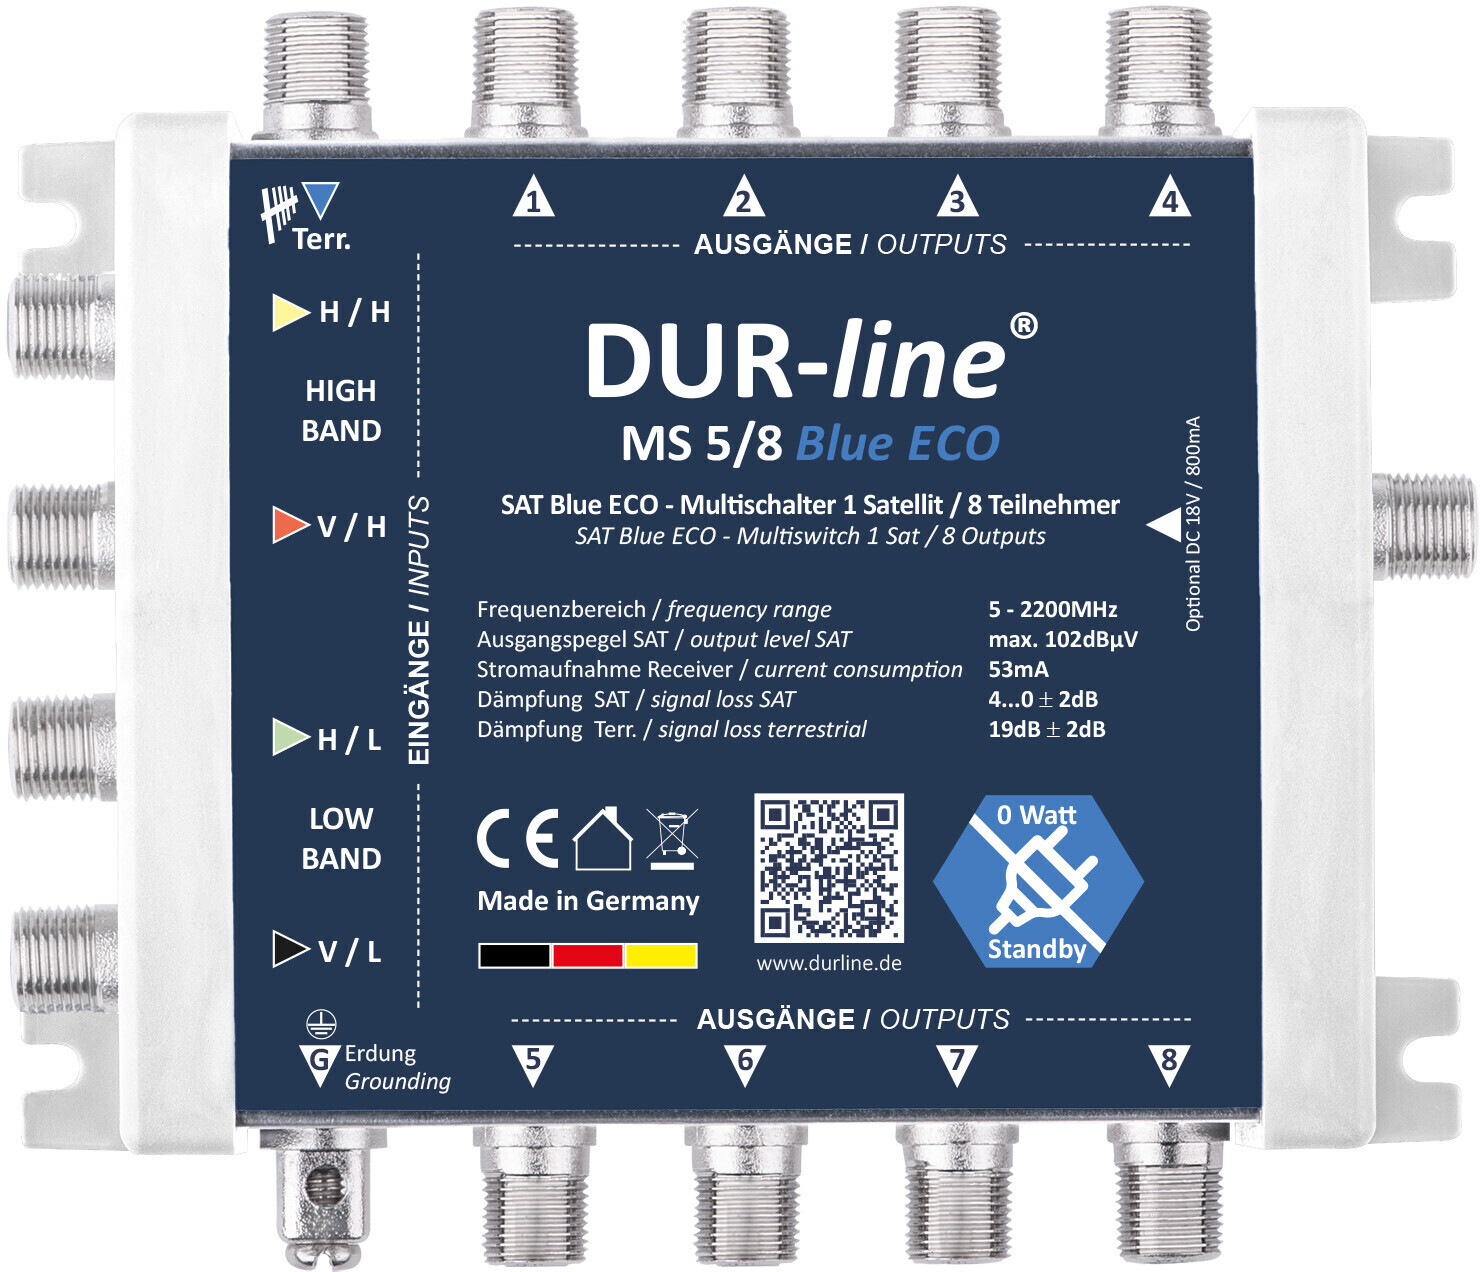 #DUR-Line MS 5/8 blue eco#